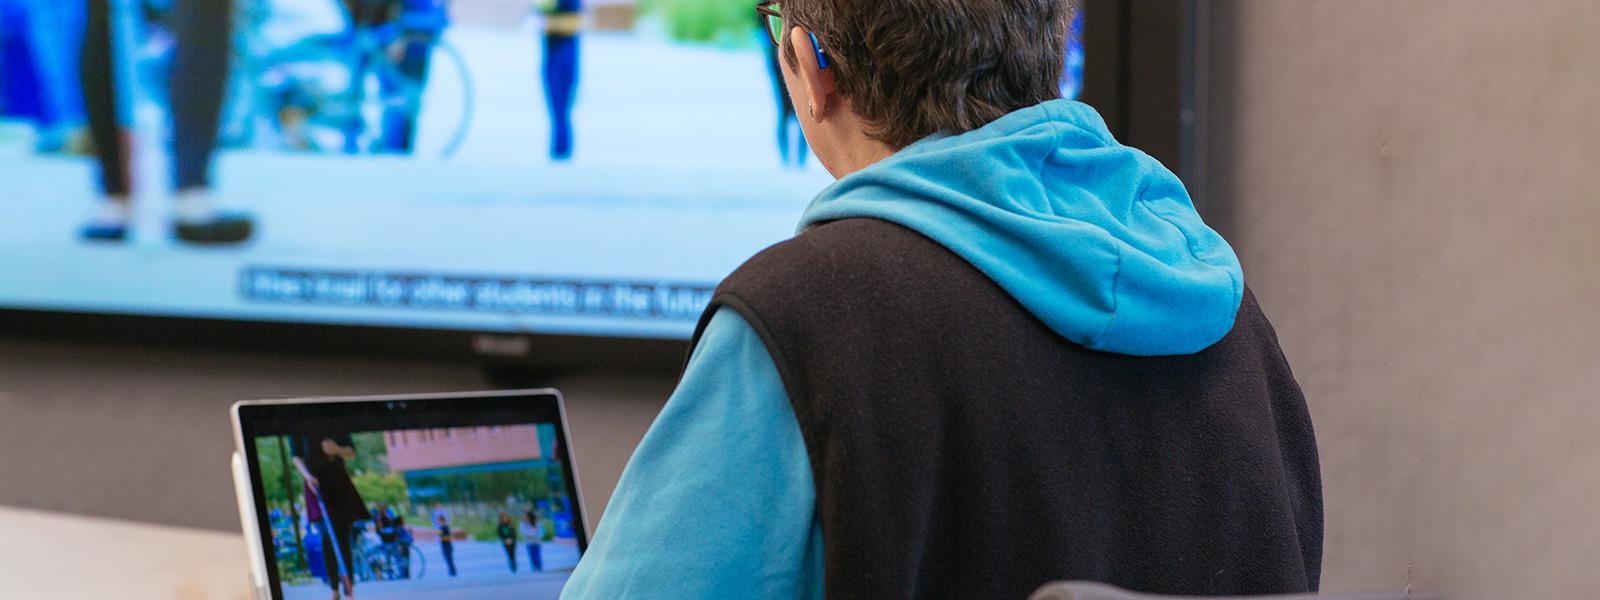 O femeie care folosește un aparat auditiv, urmărește o prezentare video cu subtitrare